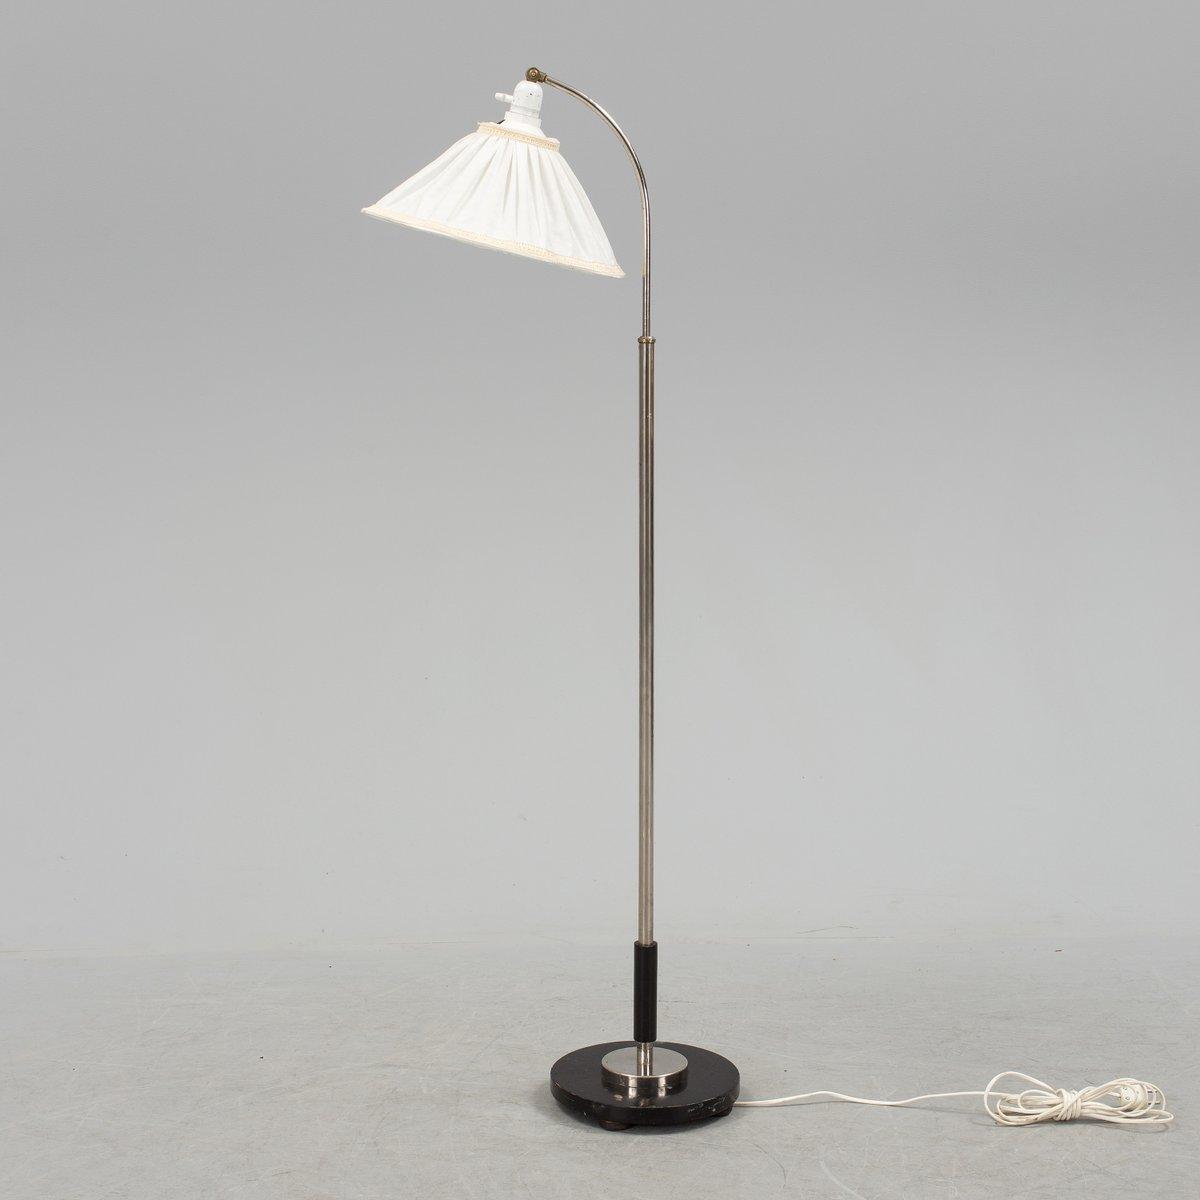 Skandinavische Art Deco Stehlampe von Zenith, 1930er